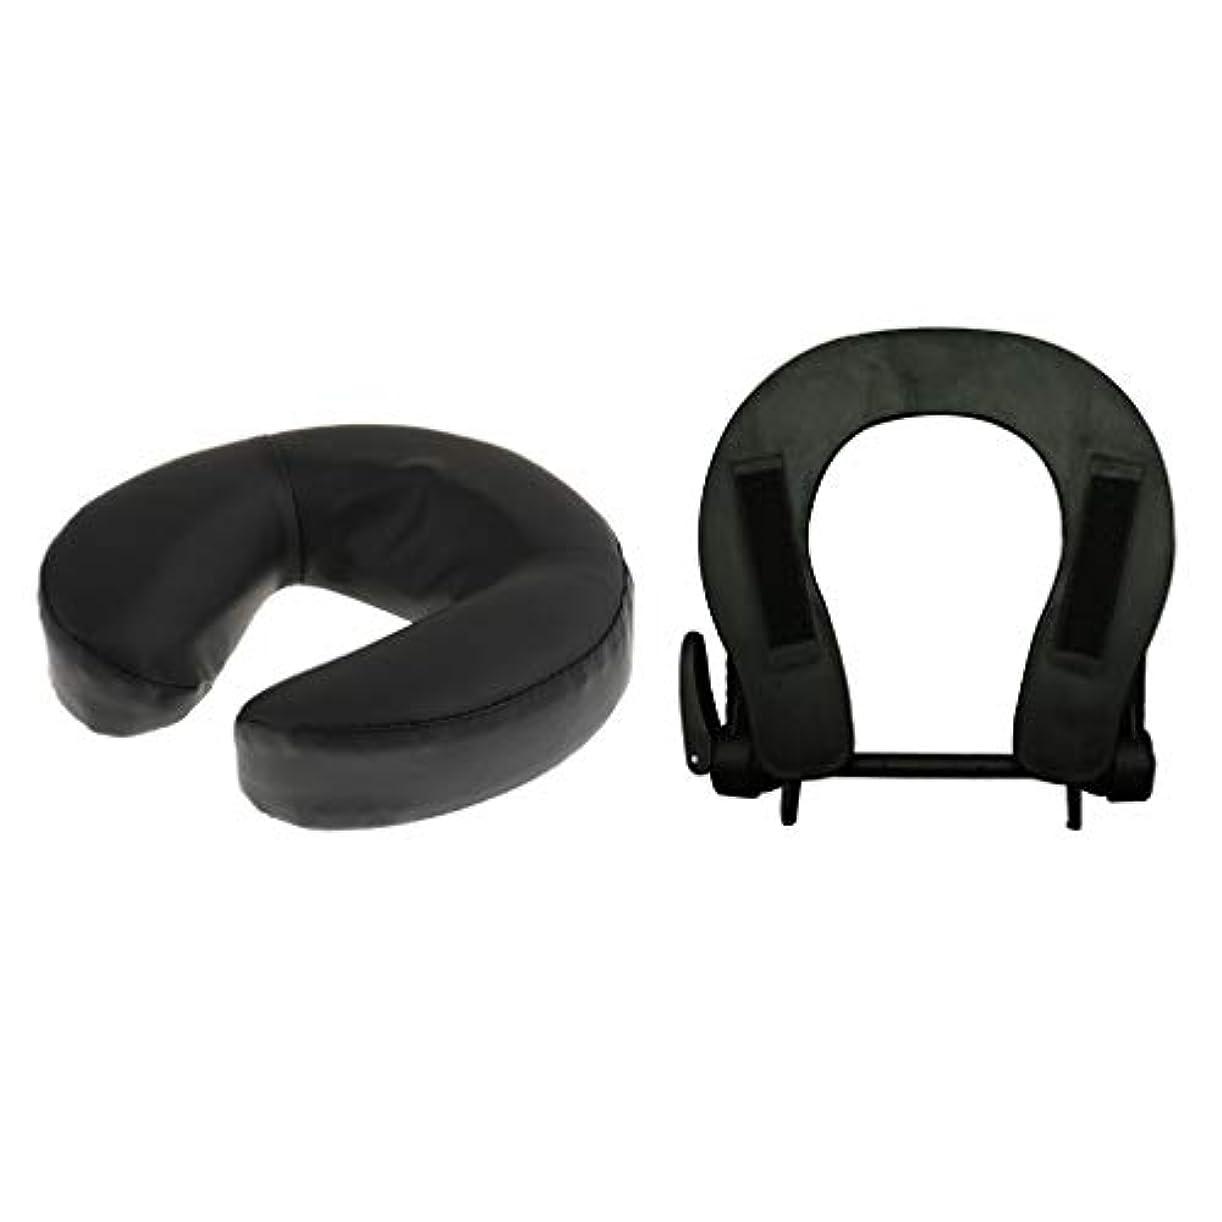 ロマンスくしゃみ許可するフェイスマット 顔マクラ マッサージ枕 顔枕 フェイスクレードル 調節可能 マッサージテーブル 汎用